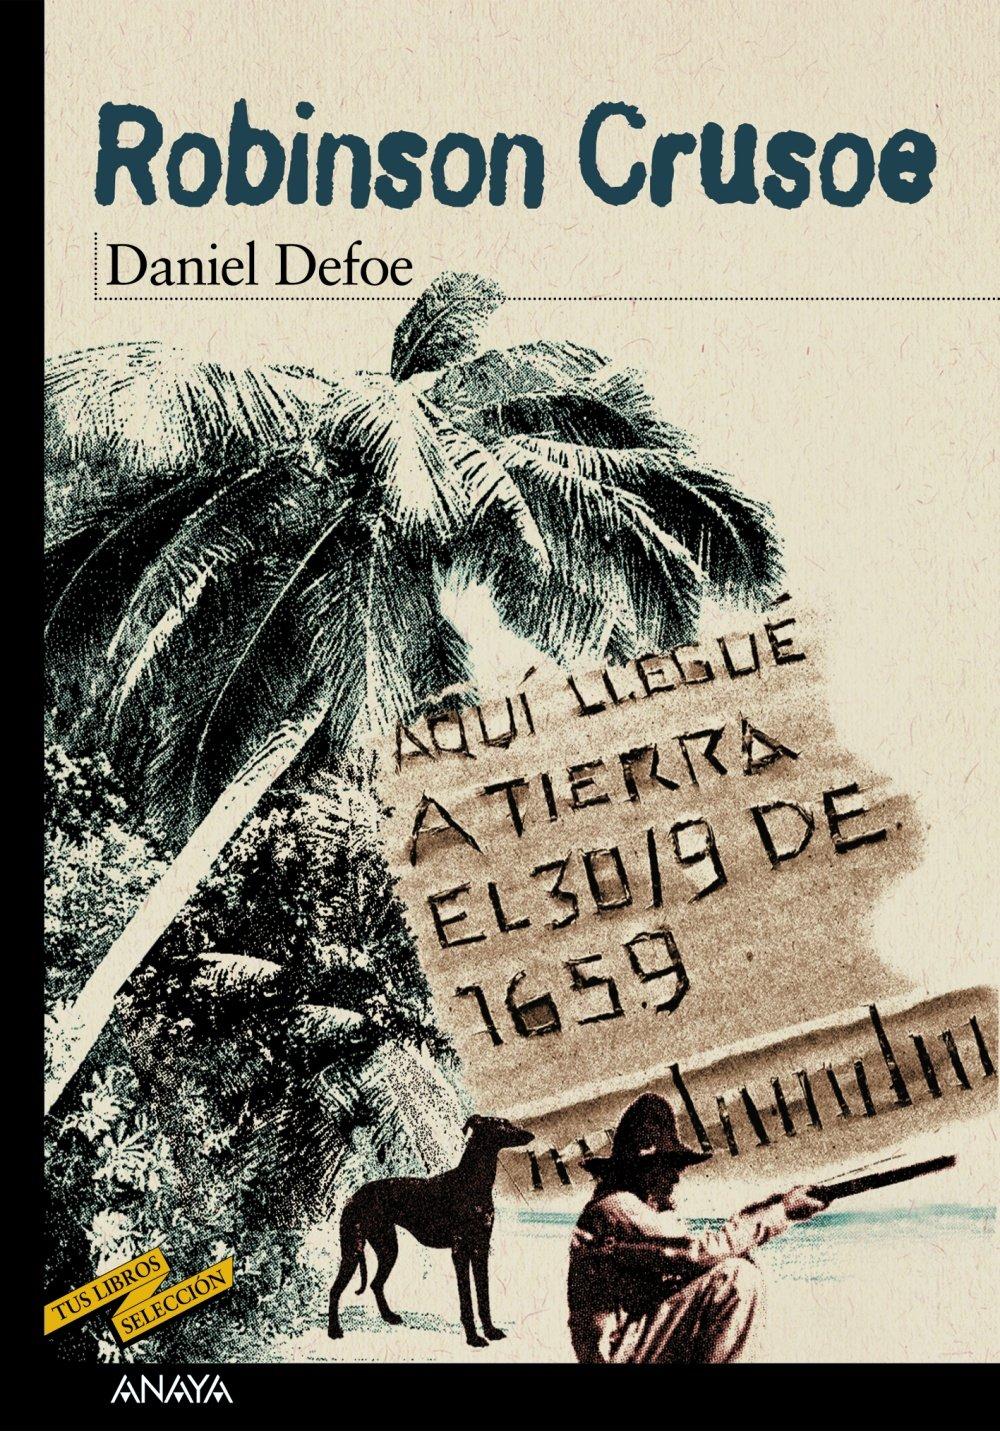 Robinson Crusoe (Clásicos - Tus Libros-Selección) Tapa blanda – 29 mar 2004 Daniel Defoe Enrique Flores Martha Eguía ANAYA INFANTIL Y JUVENIL